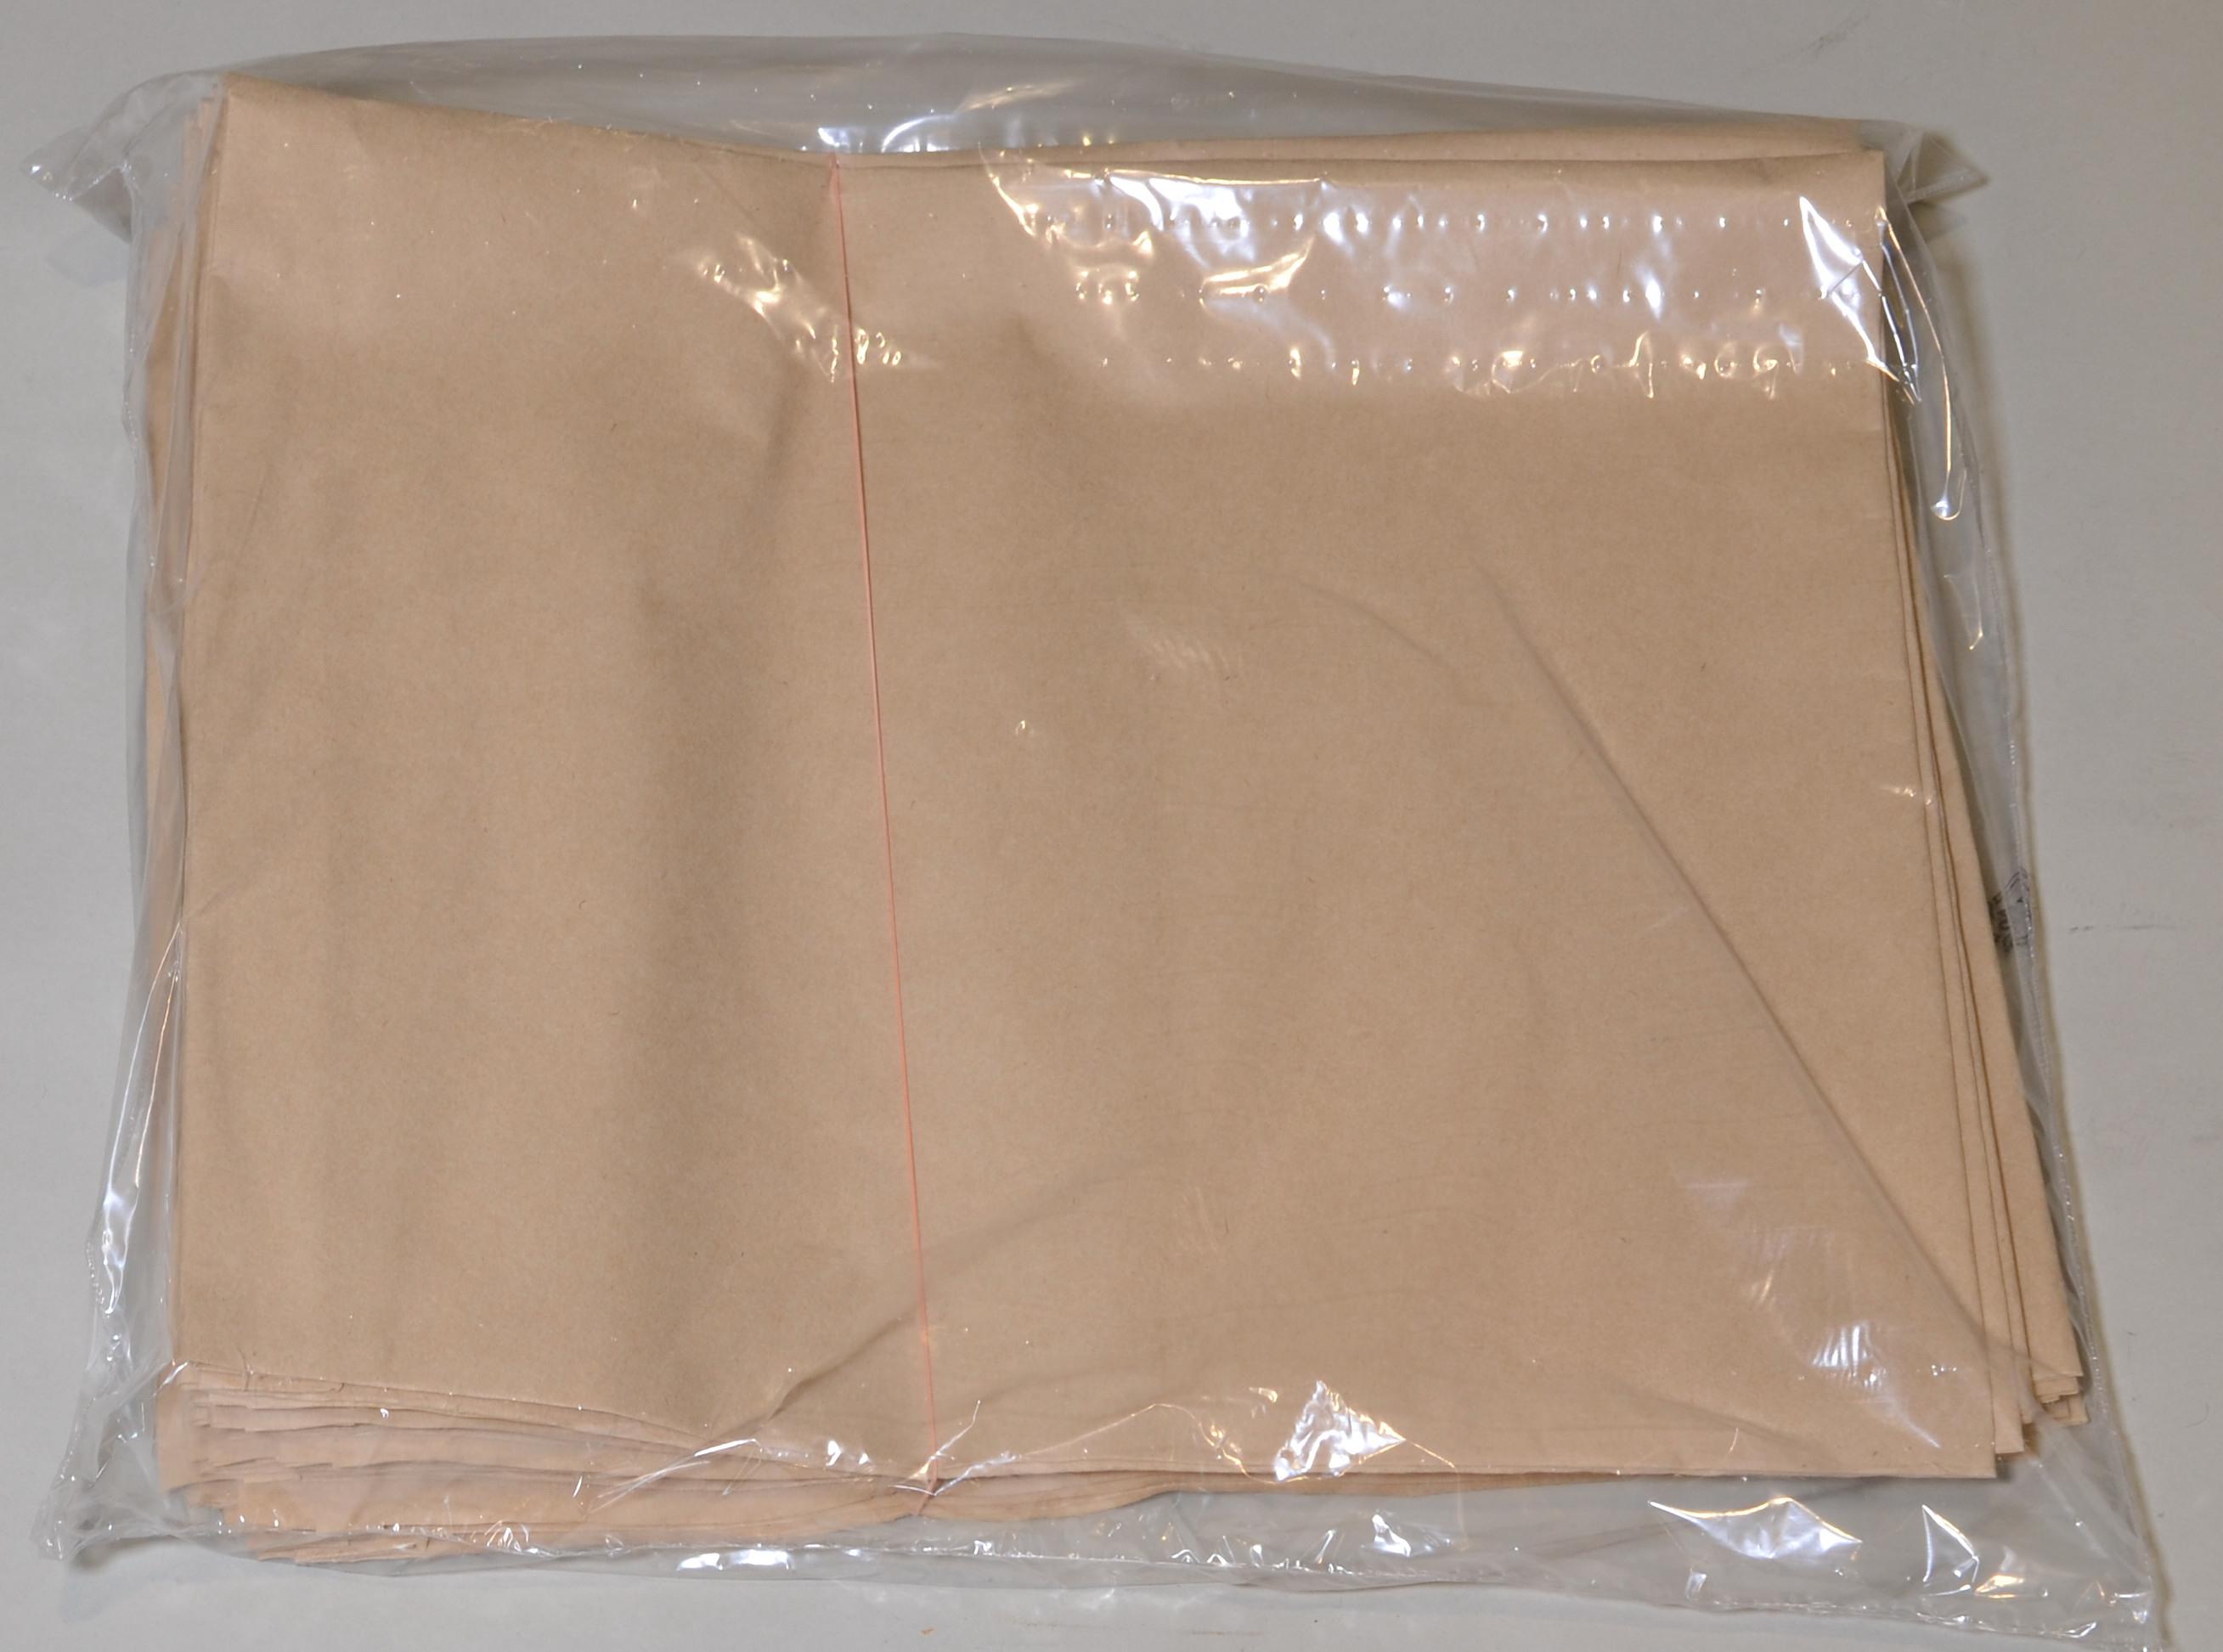 REMKO Feinstaub-Papierfilter 10er-Packung - Für Industriesauger RK 75